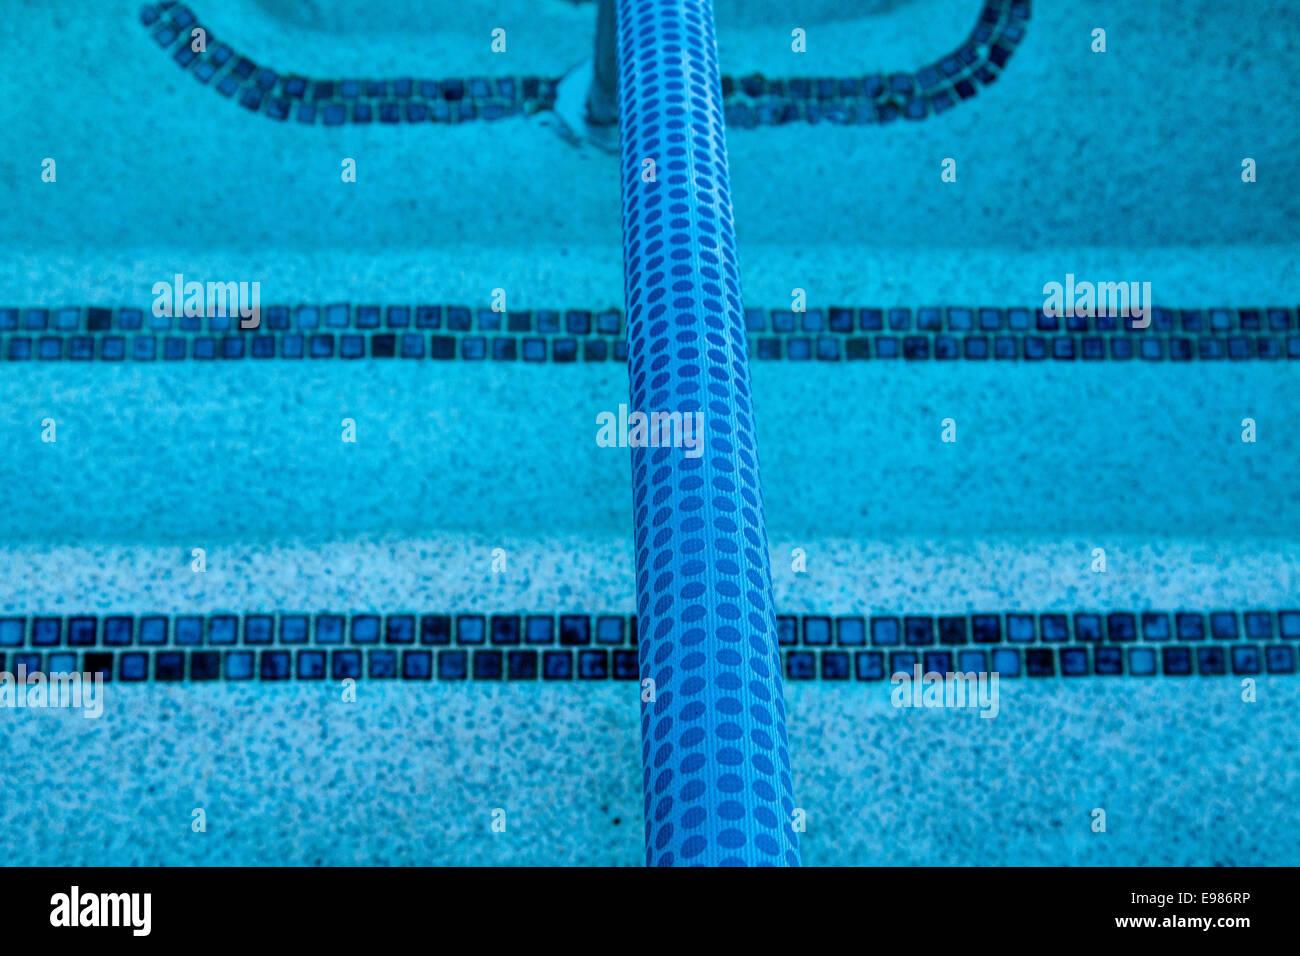 En el agua. Los escalones y pasamanos en las tranquilas aguas de la piscina de agua azul. Imagen De Stock